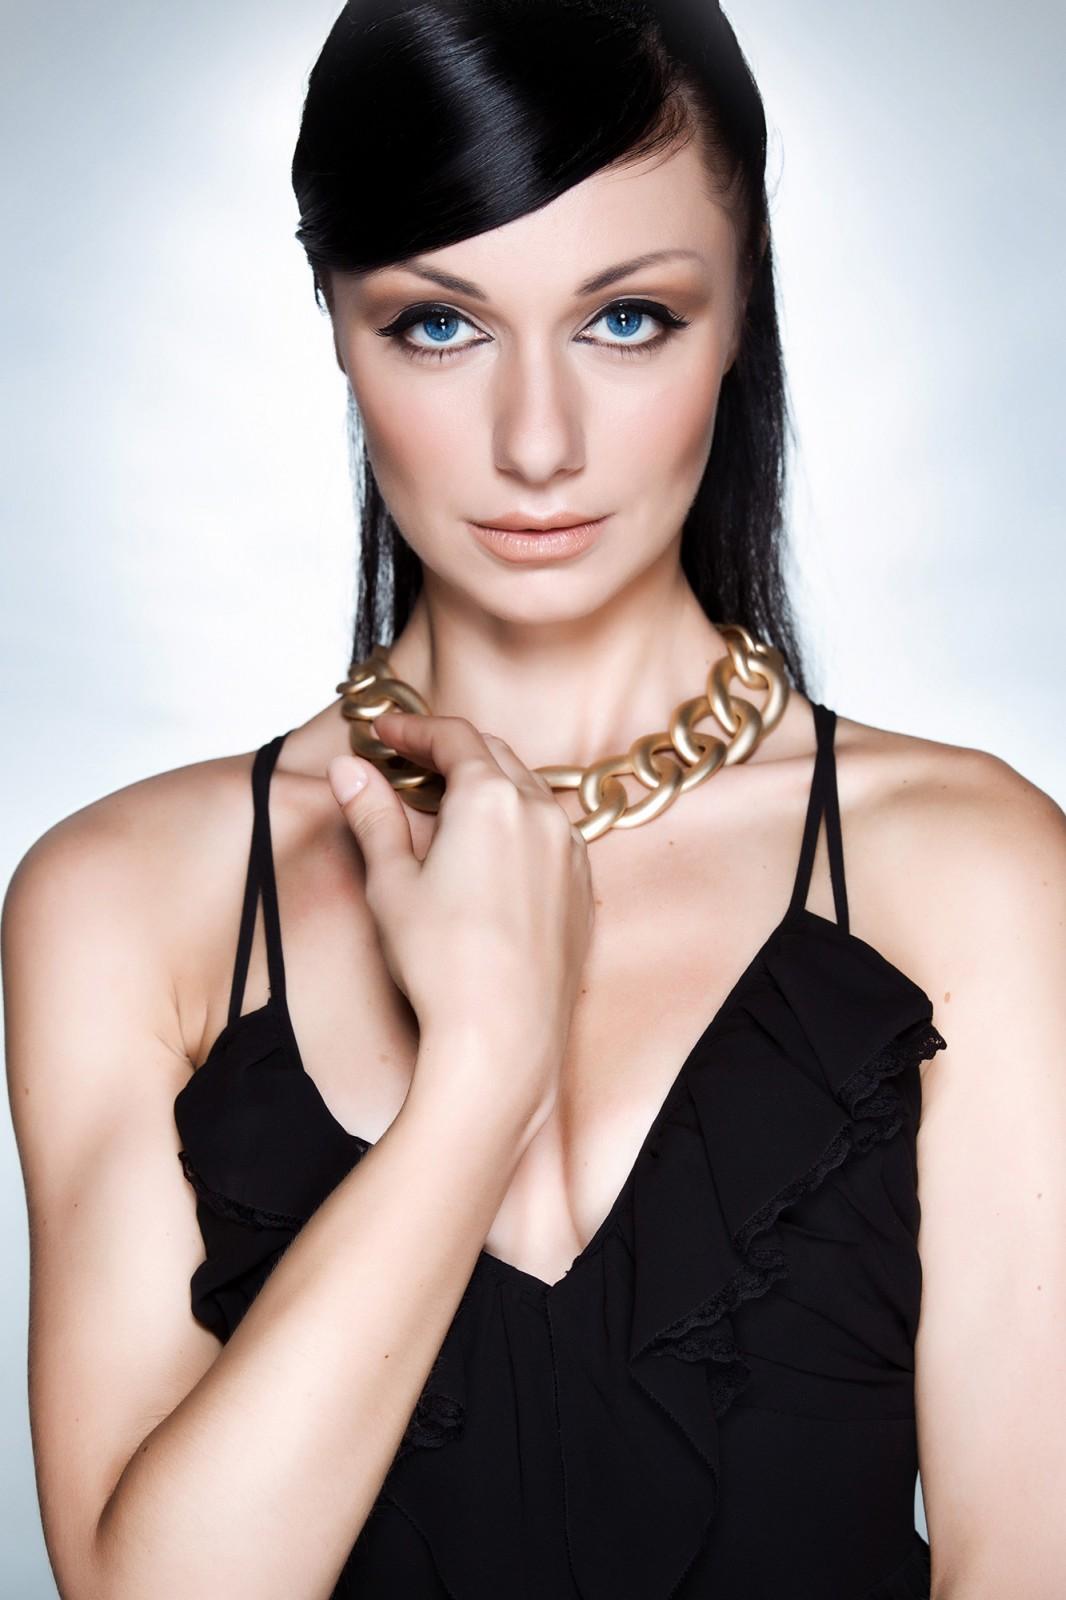 Maria Model Portfolio